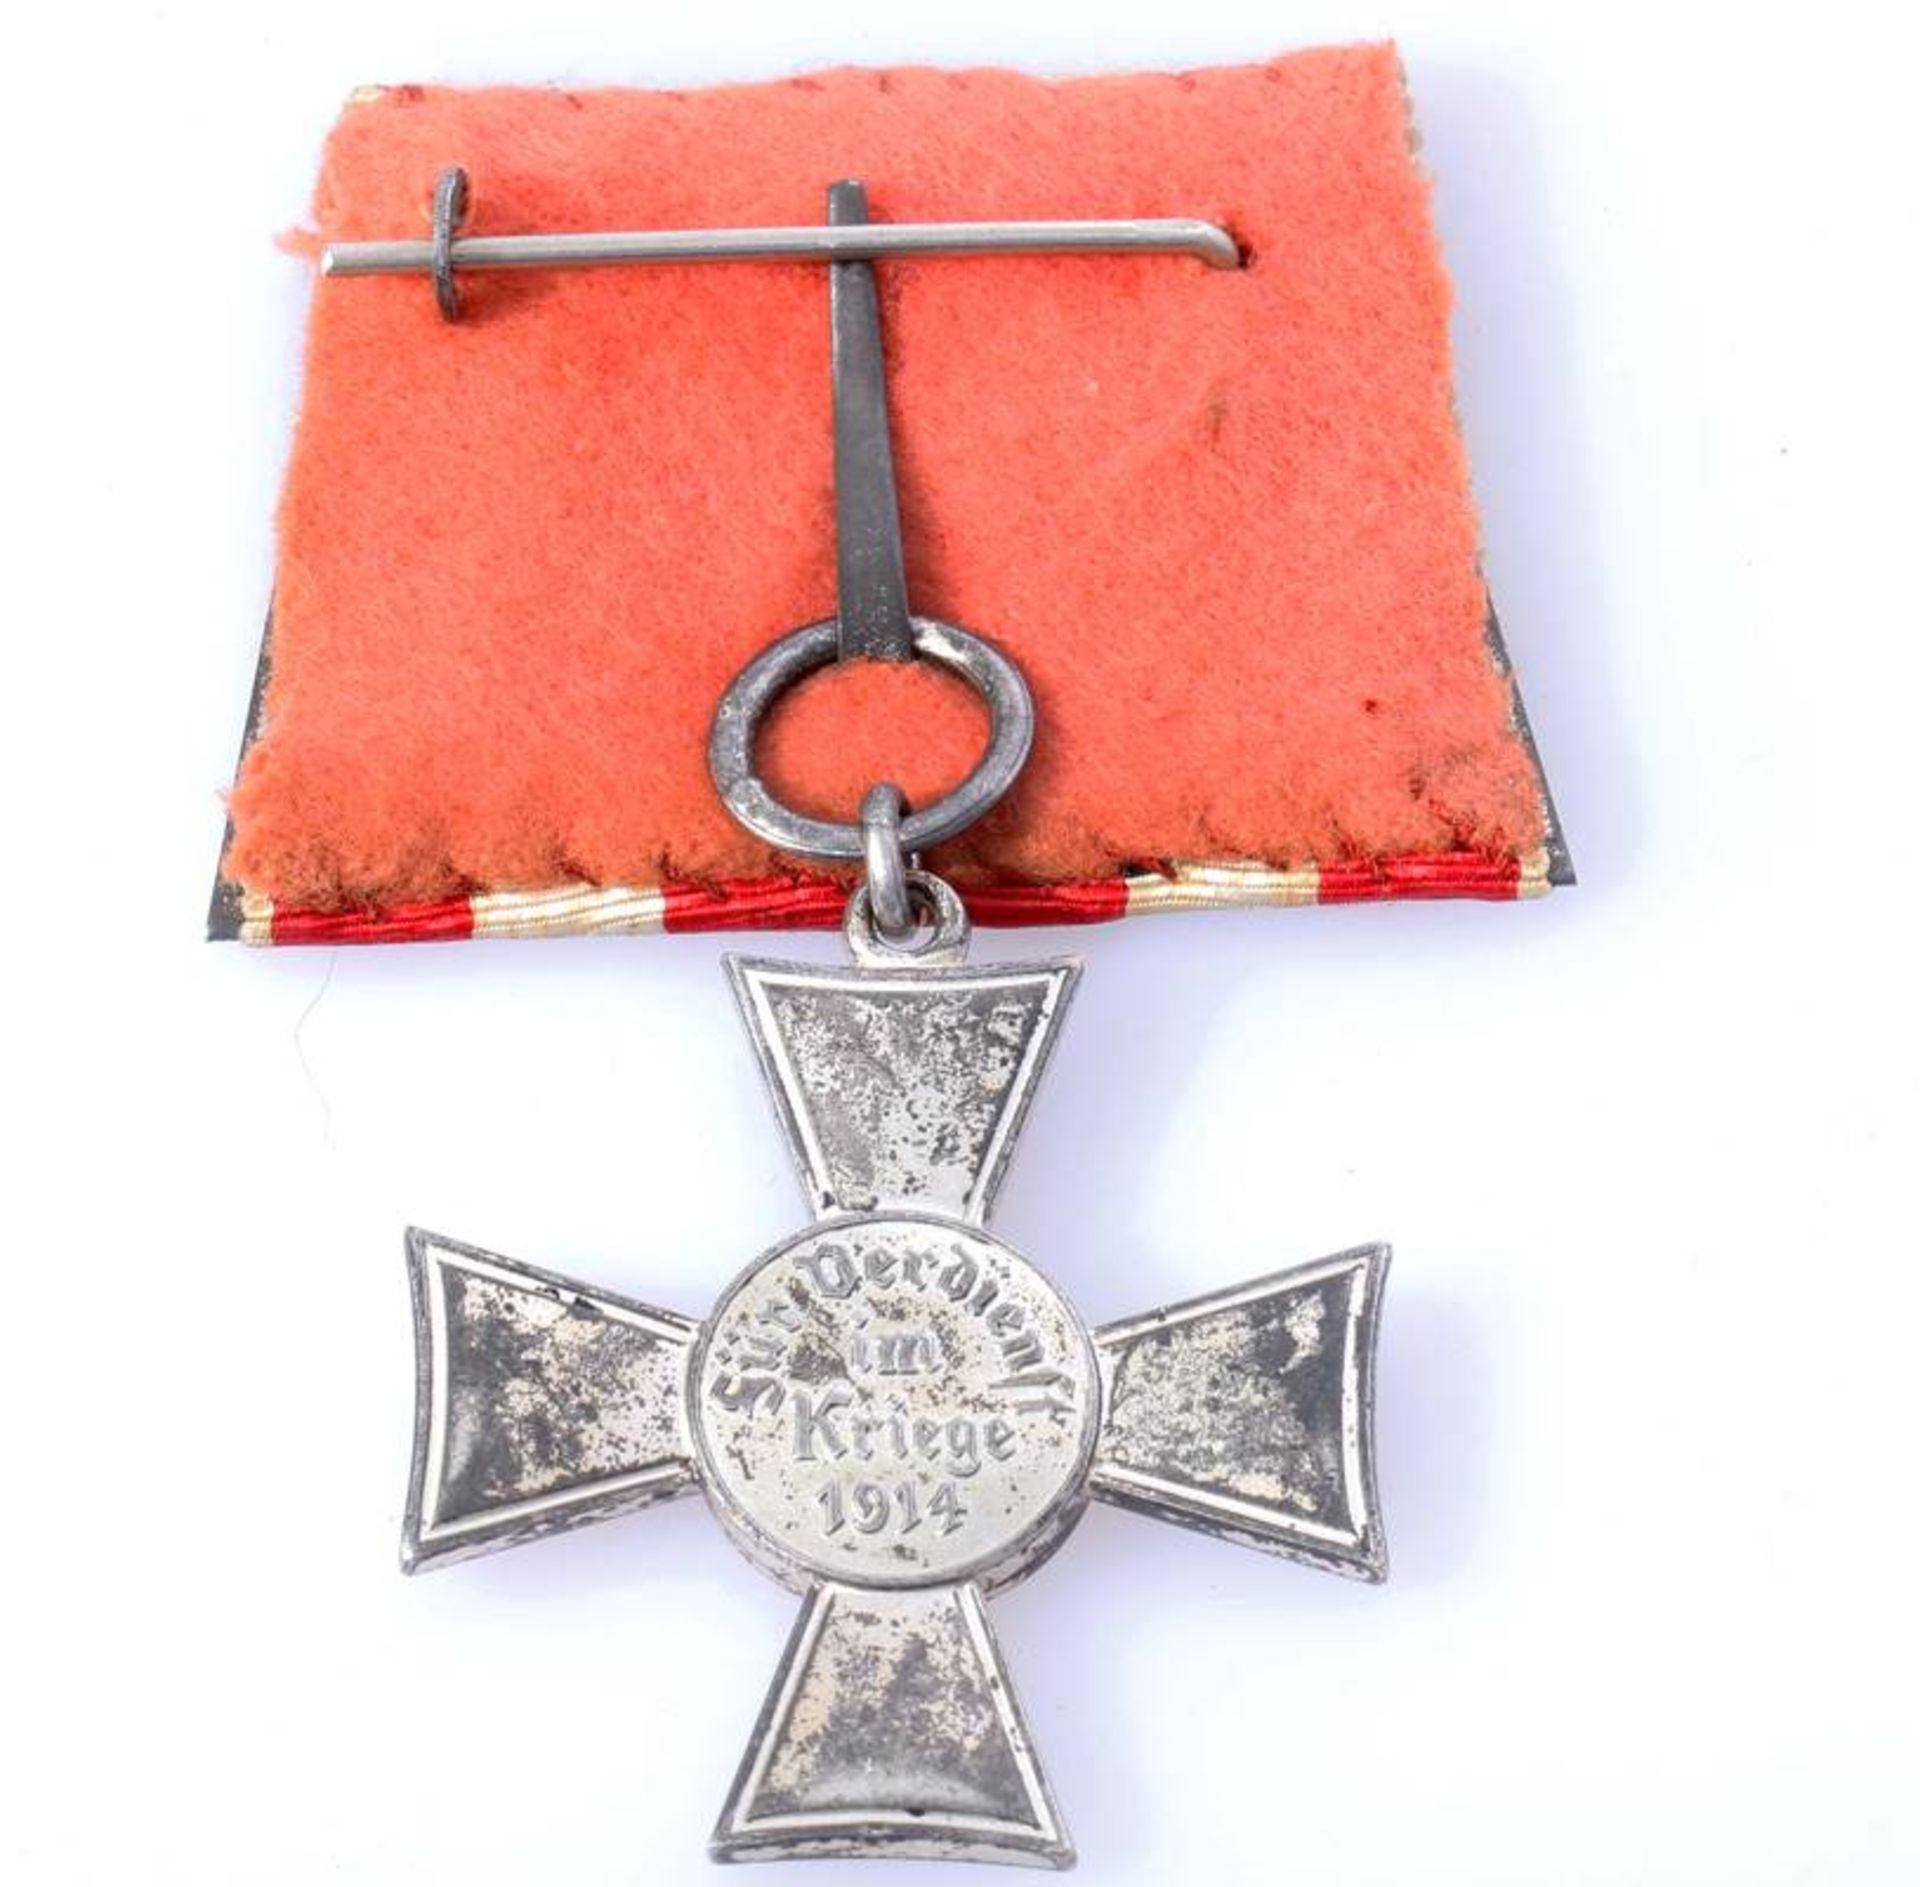 Hanseatenkreuz HamburgKreuz aufgehängt an der alten Form der Einzelschnalle. - Bild 2 aus 3